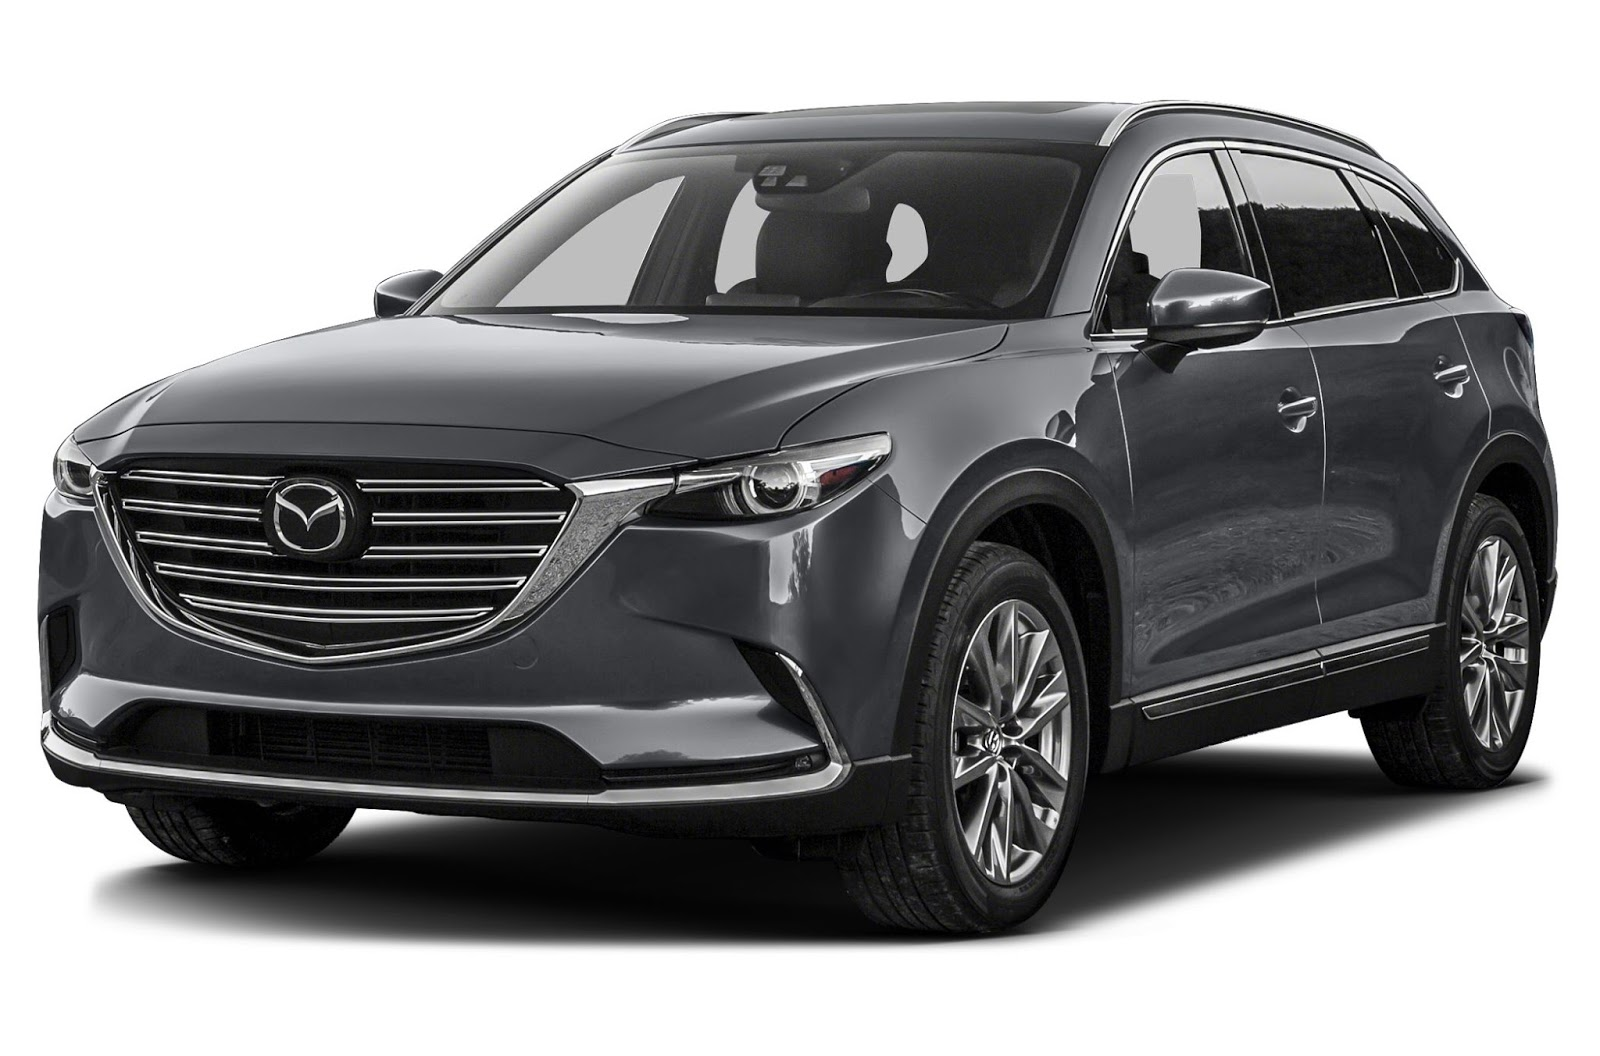 Harga Mazda Cx 9 Review Fitur Dan Spesifikasi Lengkap